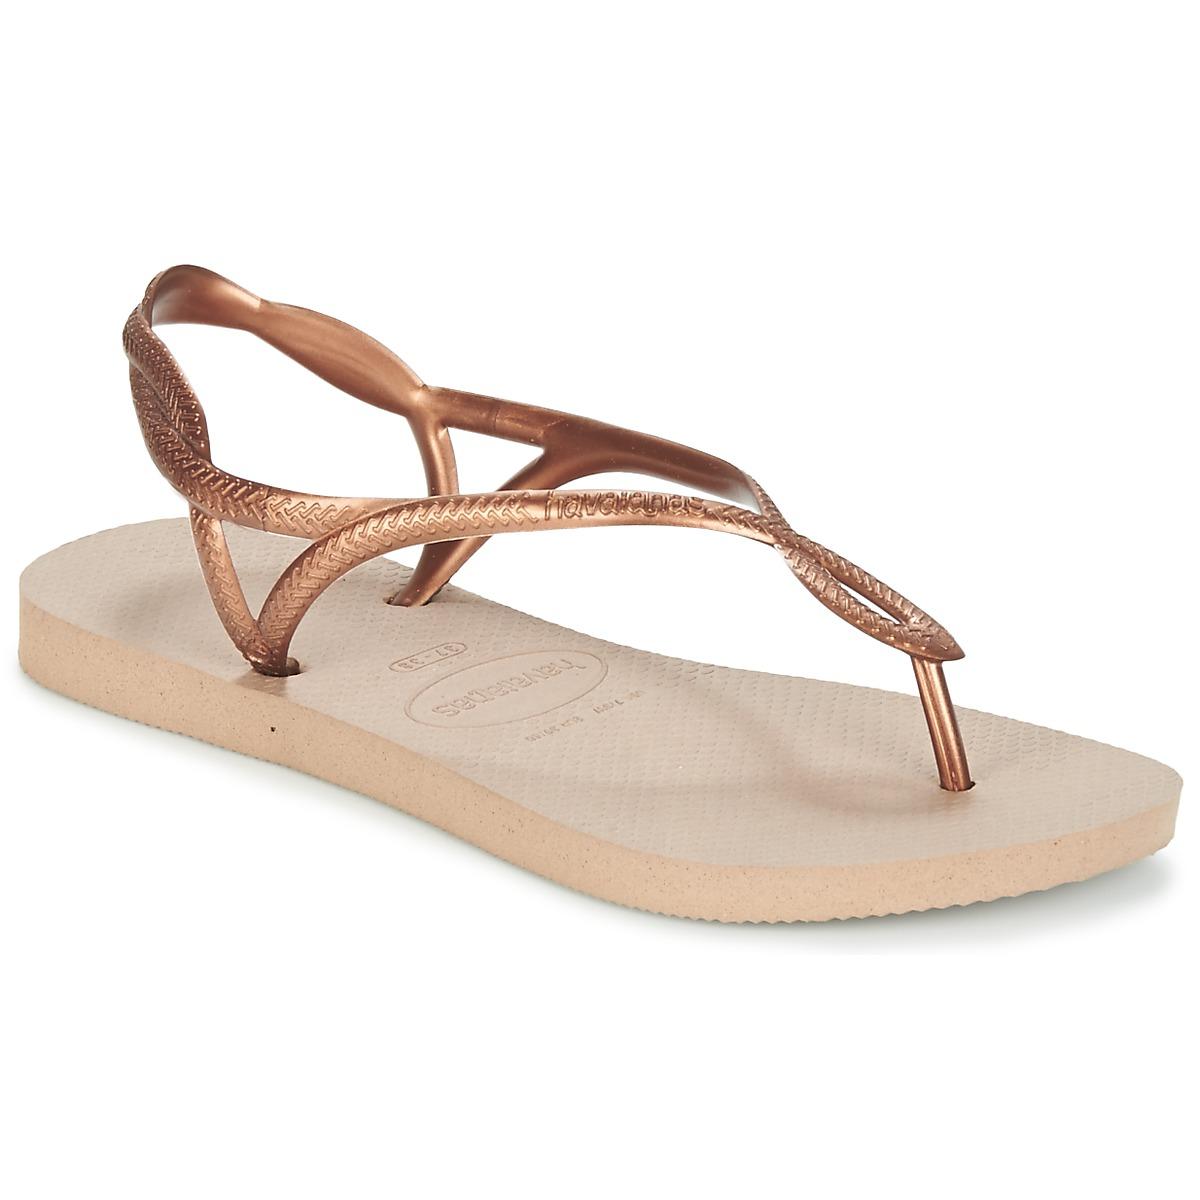 Havaianas luna bronze livraison gratuite avec chaussures tongs femme 22 99 - Carton de demenagement pas cher ...